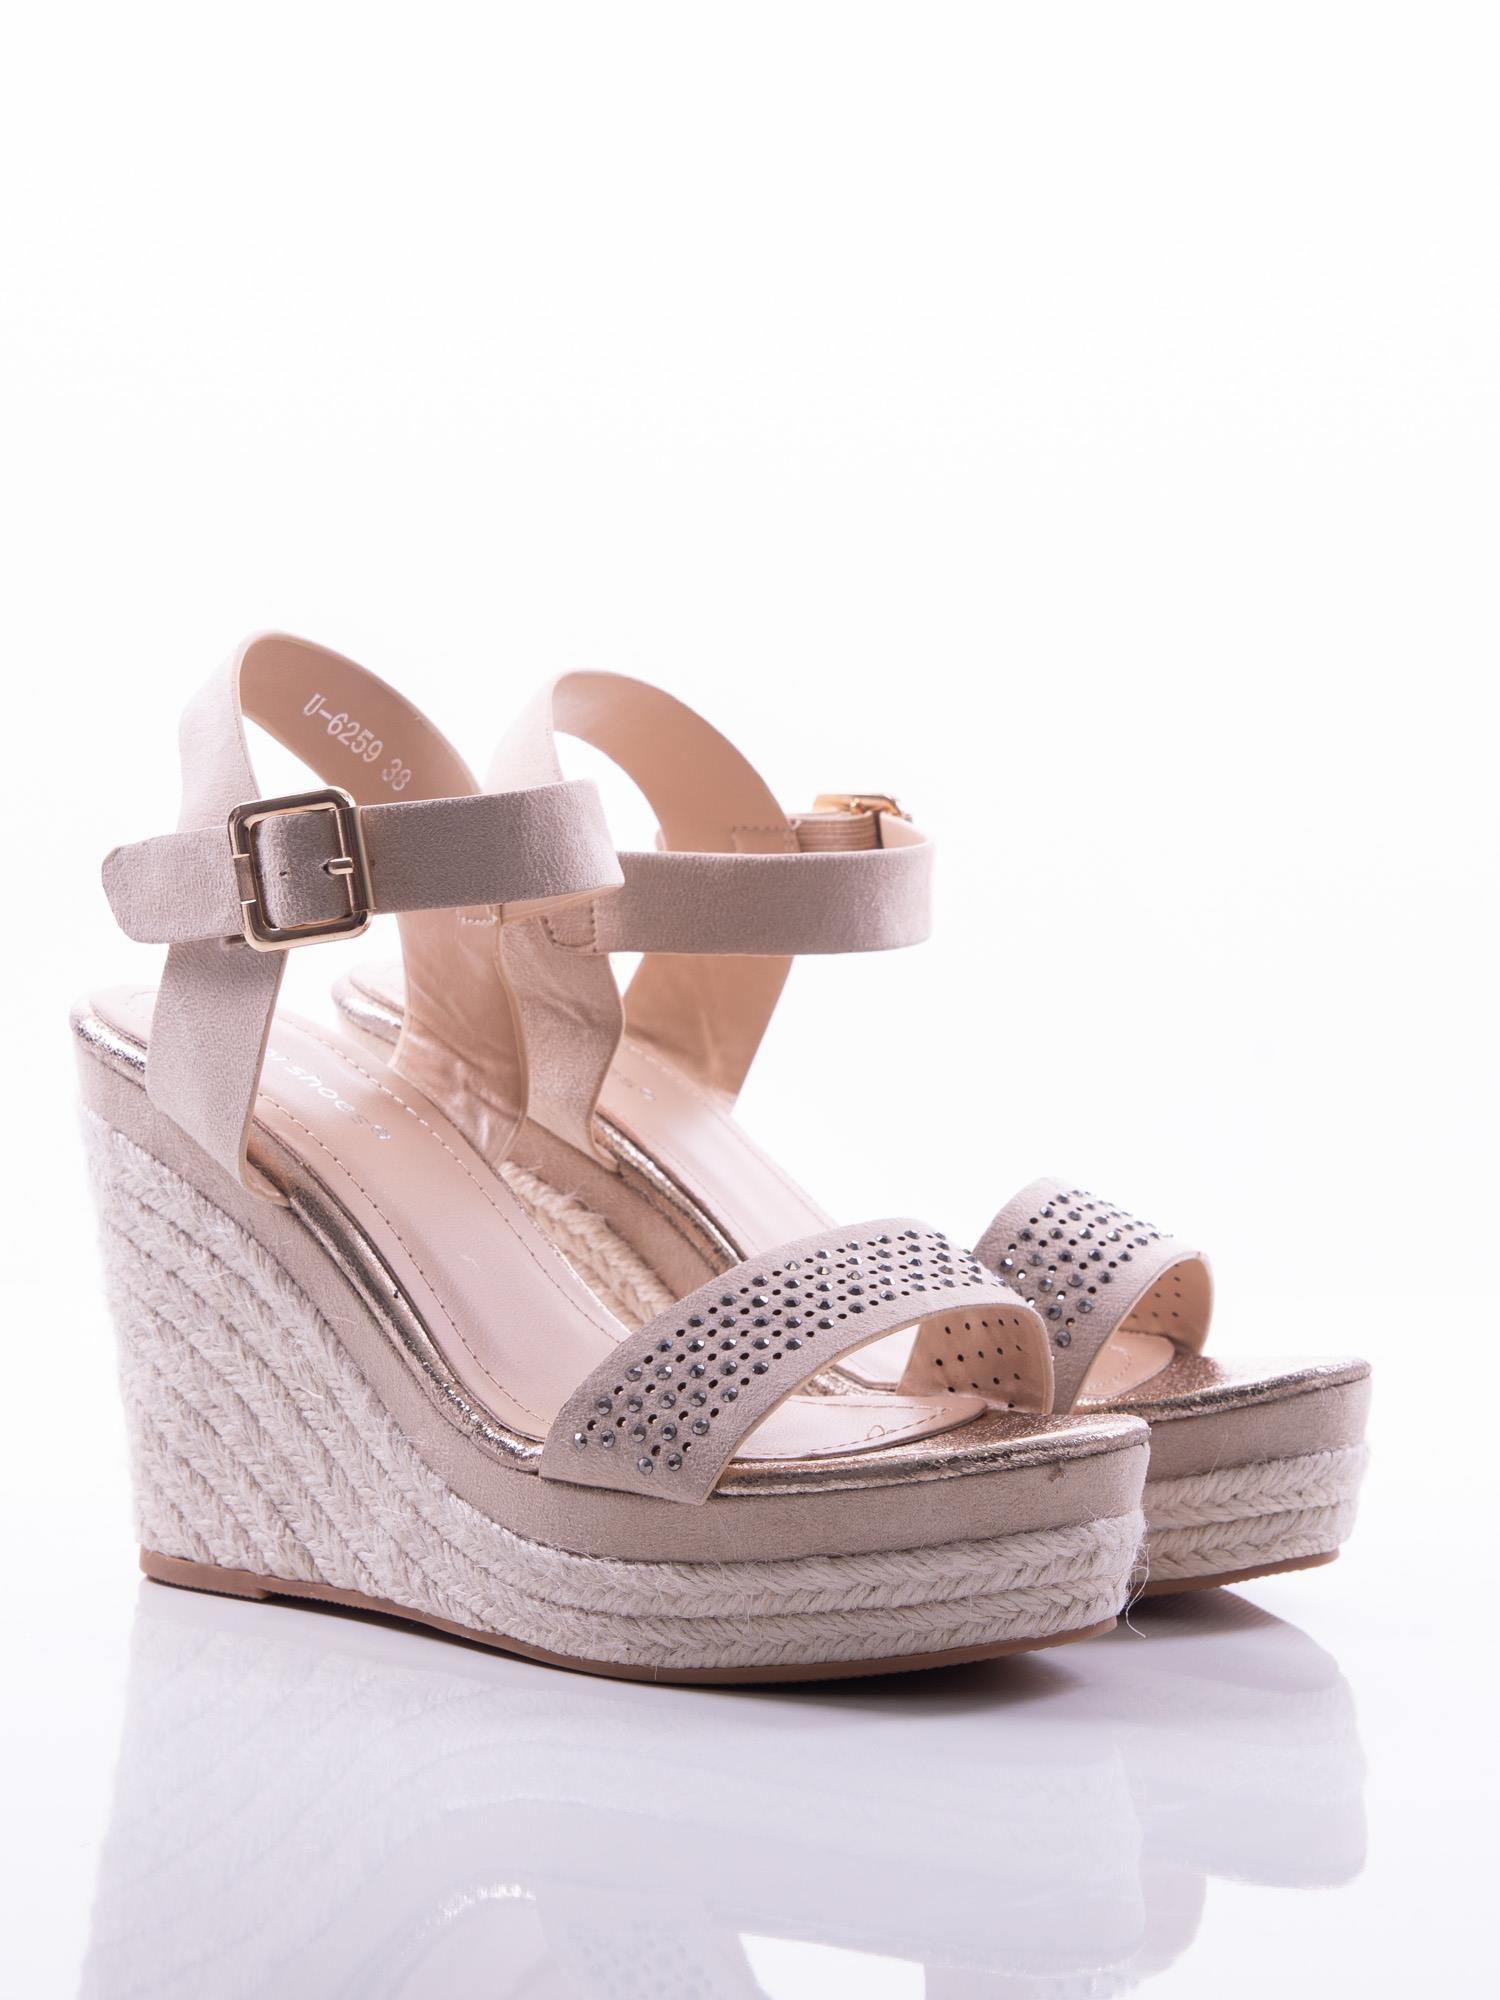 e9838e47673b00 ... Beżowe sandały na koturnach z ażurowym paskiem na przodzie i  błyszczącymi kamieniami, zapinane na pasek ...